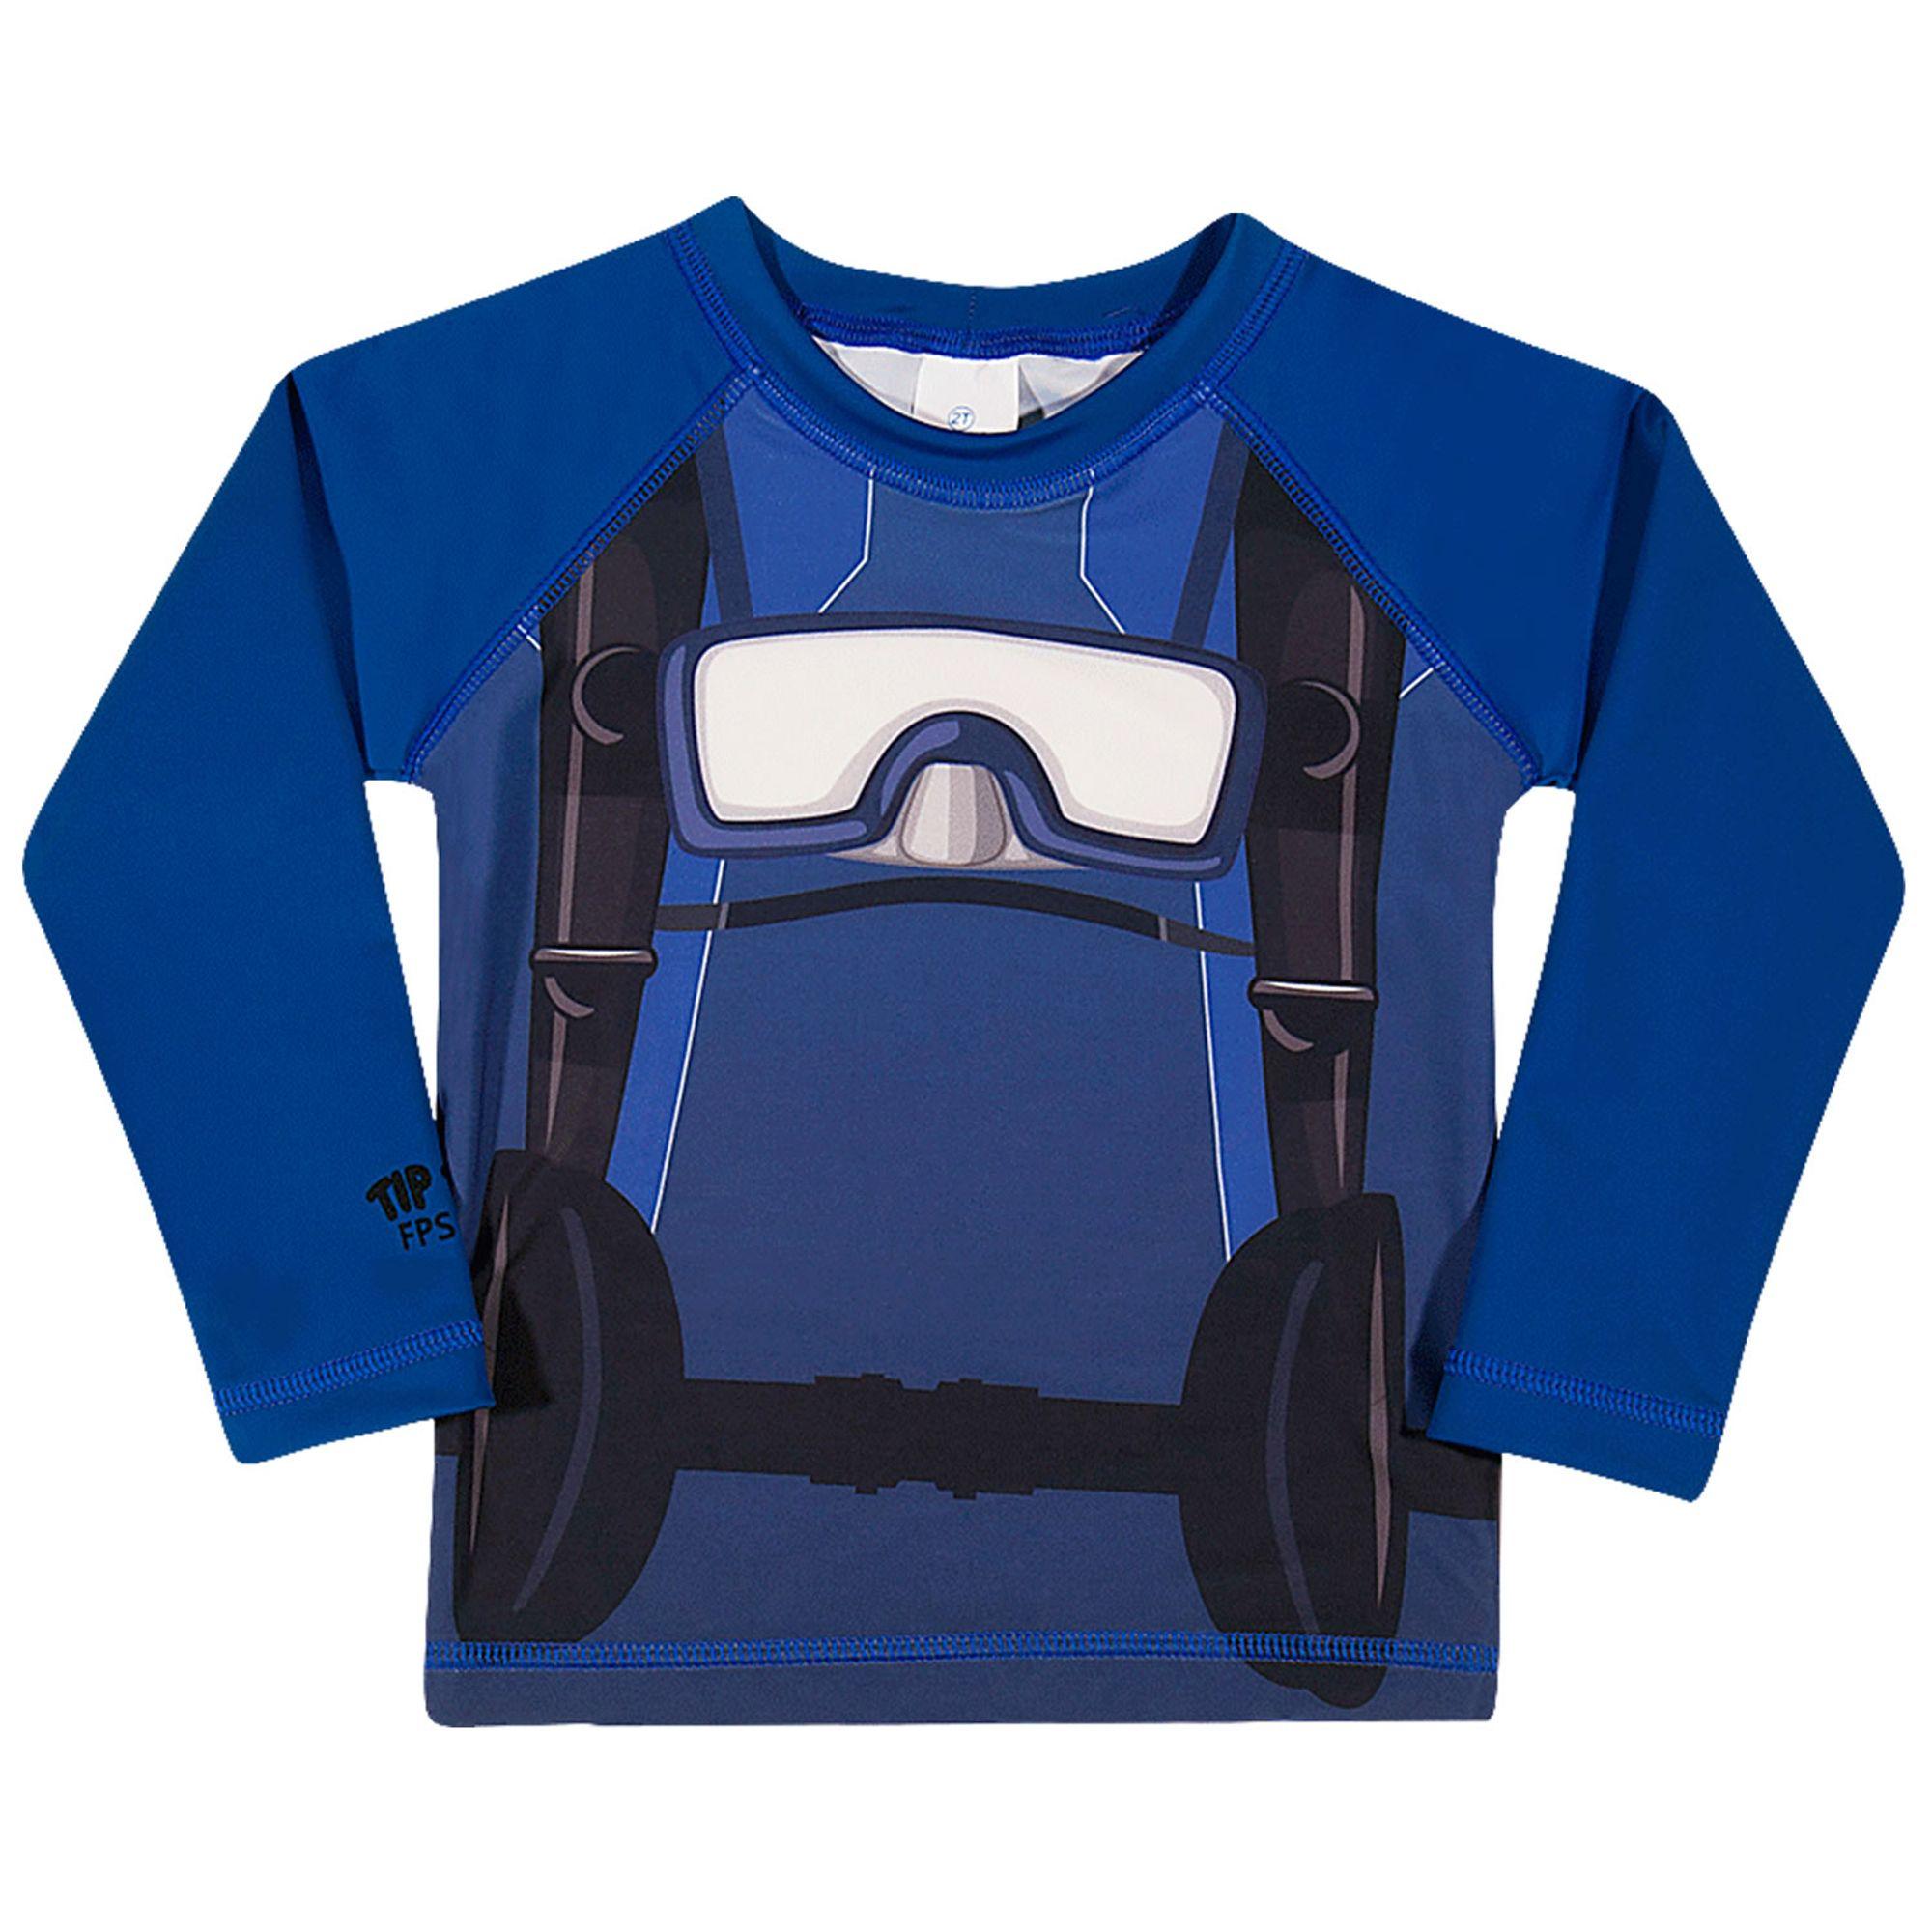 camiseta-menino-protecao-solar-manga-longa-azul-mergulhador-frente